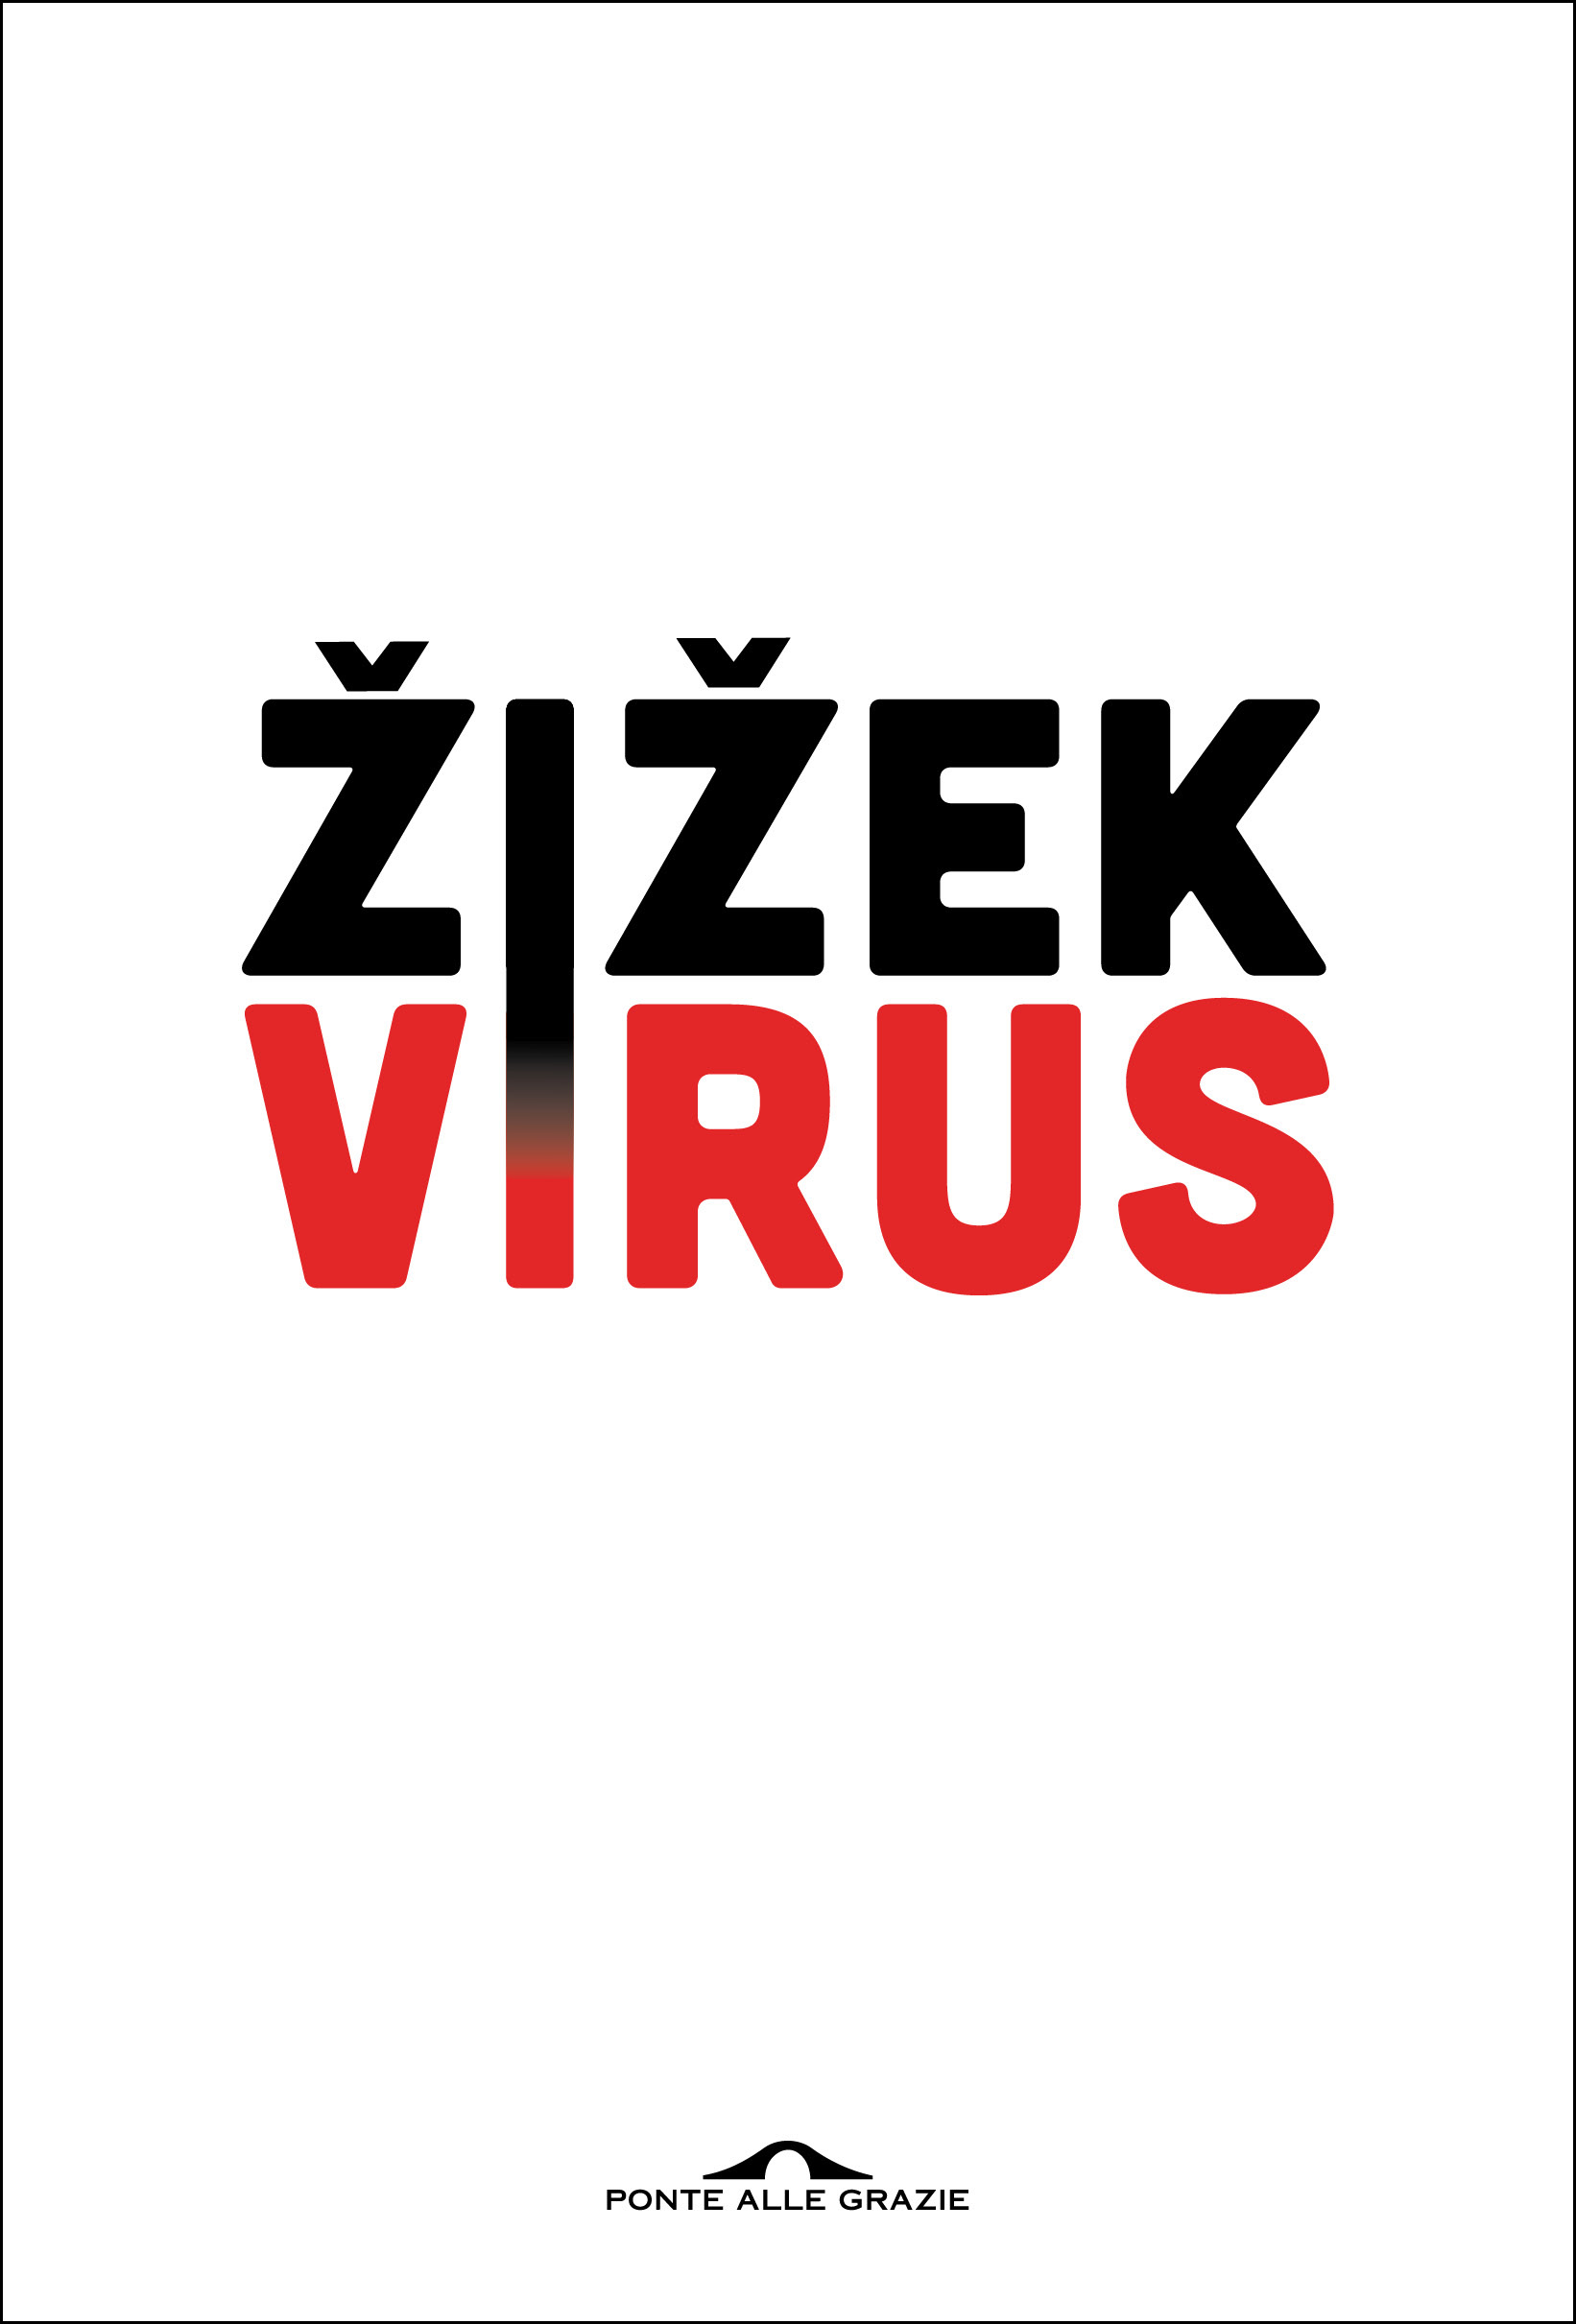 libri virus slavoj zizek